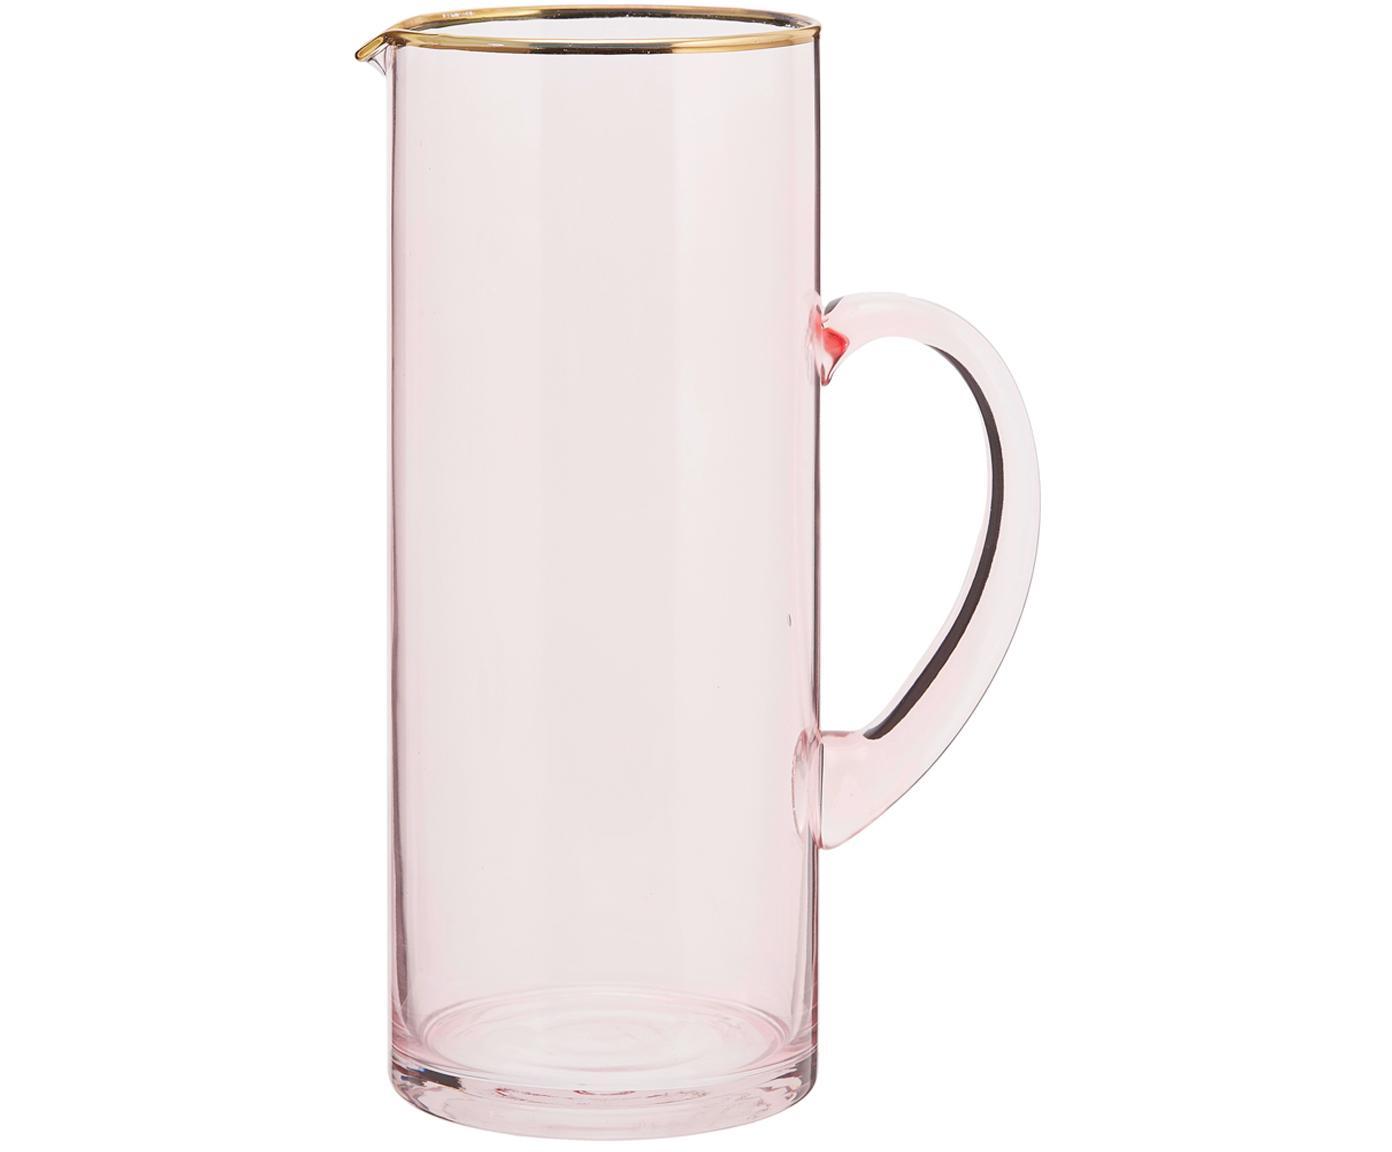 Krug Chloe in Rosa mit Goldrand, Glas, Pfirsich, 1.6 L